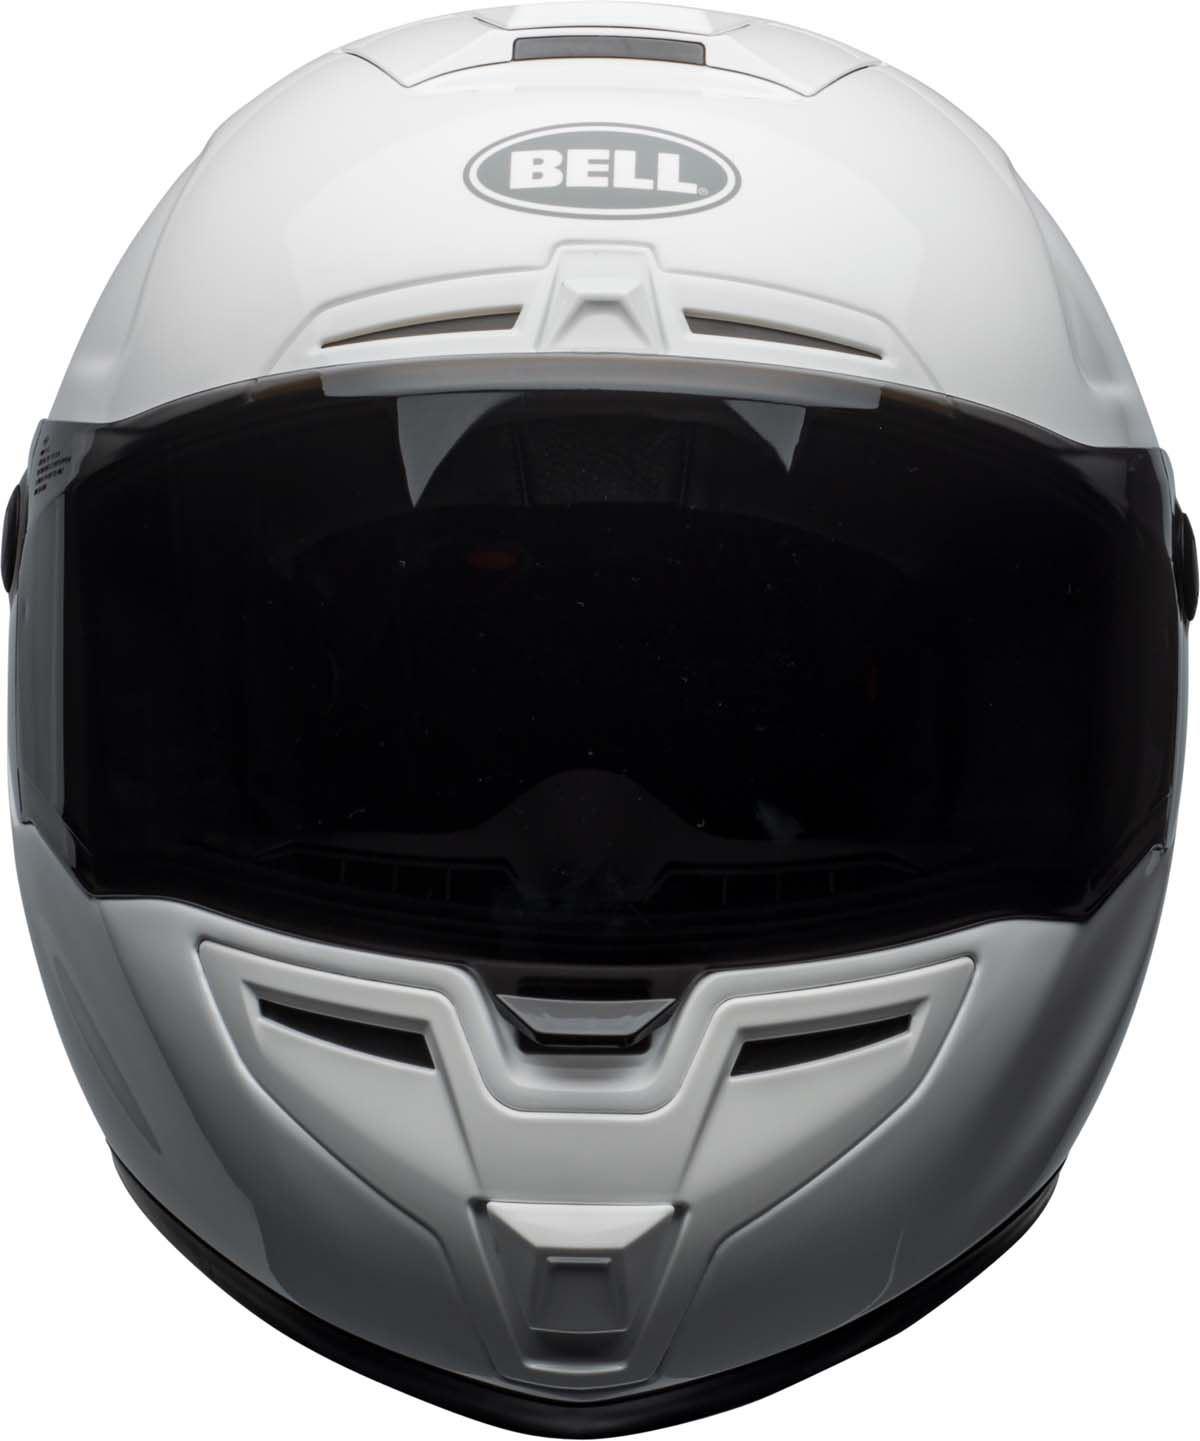 Bell-SRT-Helmet-Full-Face-Eyewear-Friendly-Fiberglass-DOT-SNELL-M2015-XS-2XL miniature 21